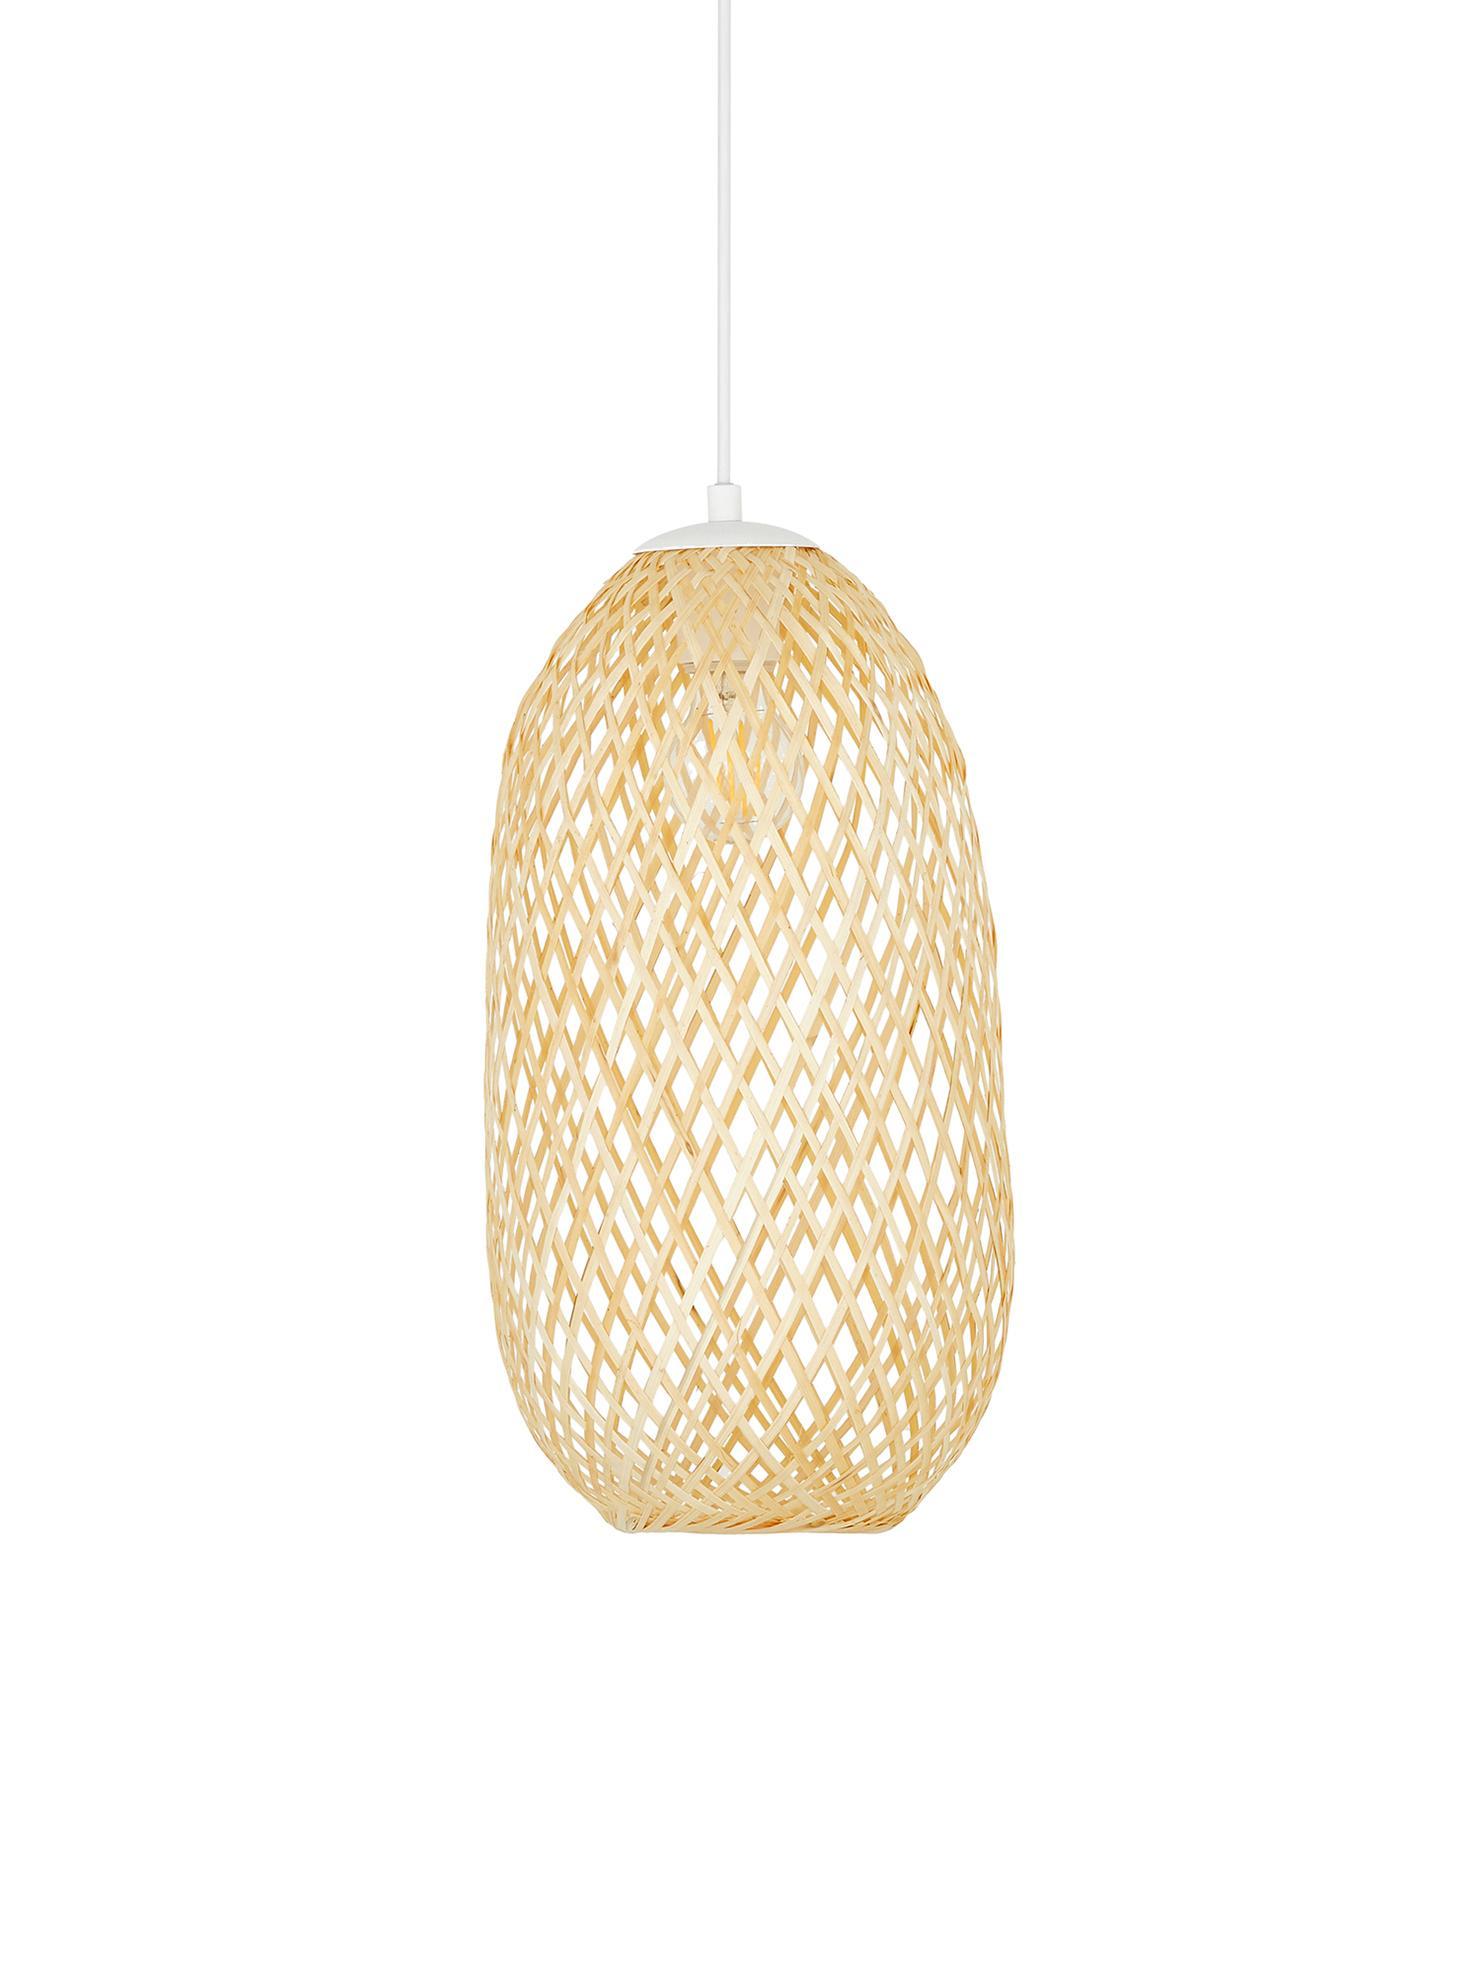 Kleine Pendelleuchte Jess aus Bambus, Lampenschirm: Bambus, Lampenschirm: BambusBaldachin und Lampengestell: Weiss, mattKabel: Weiss, Ø 23 x H 43 cm